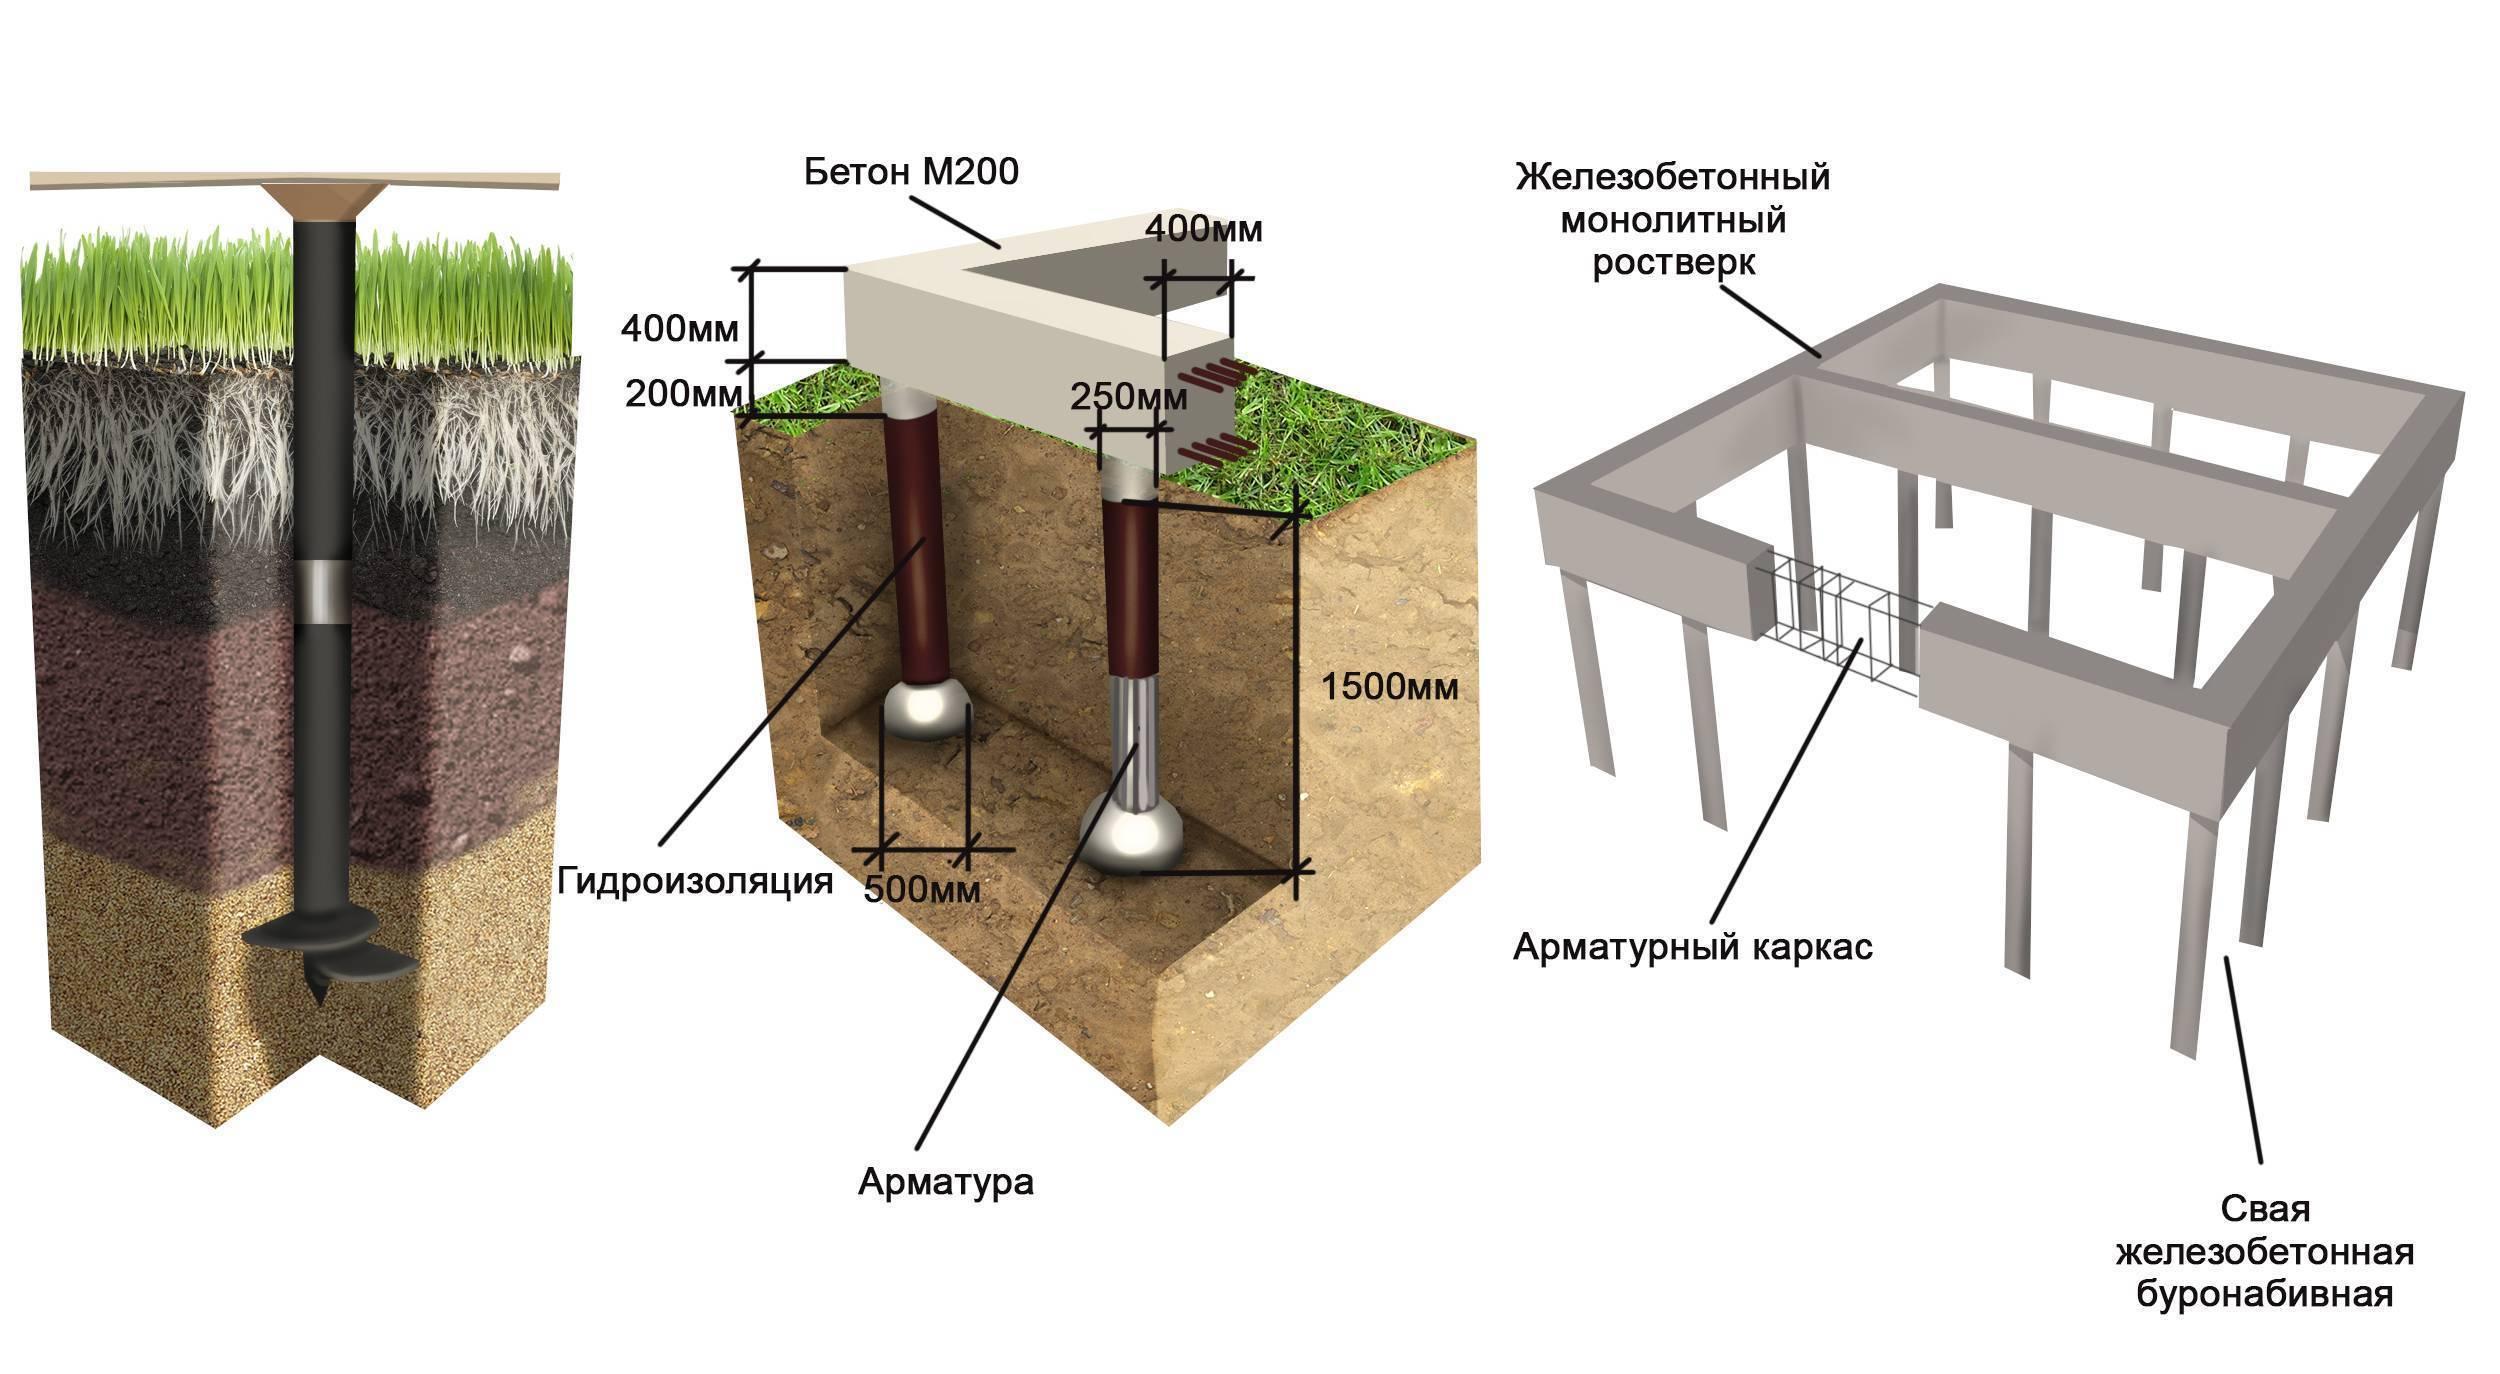 Фундамент под небольшой дом: выбор и устройство